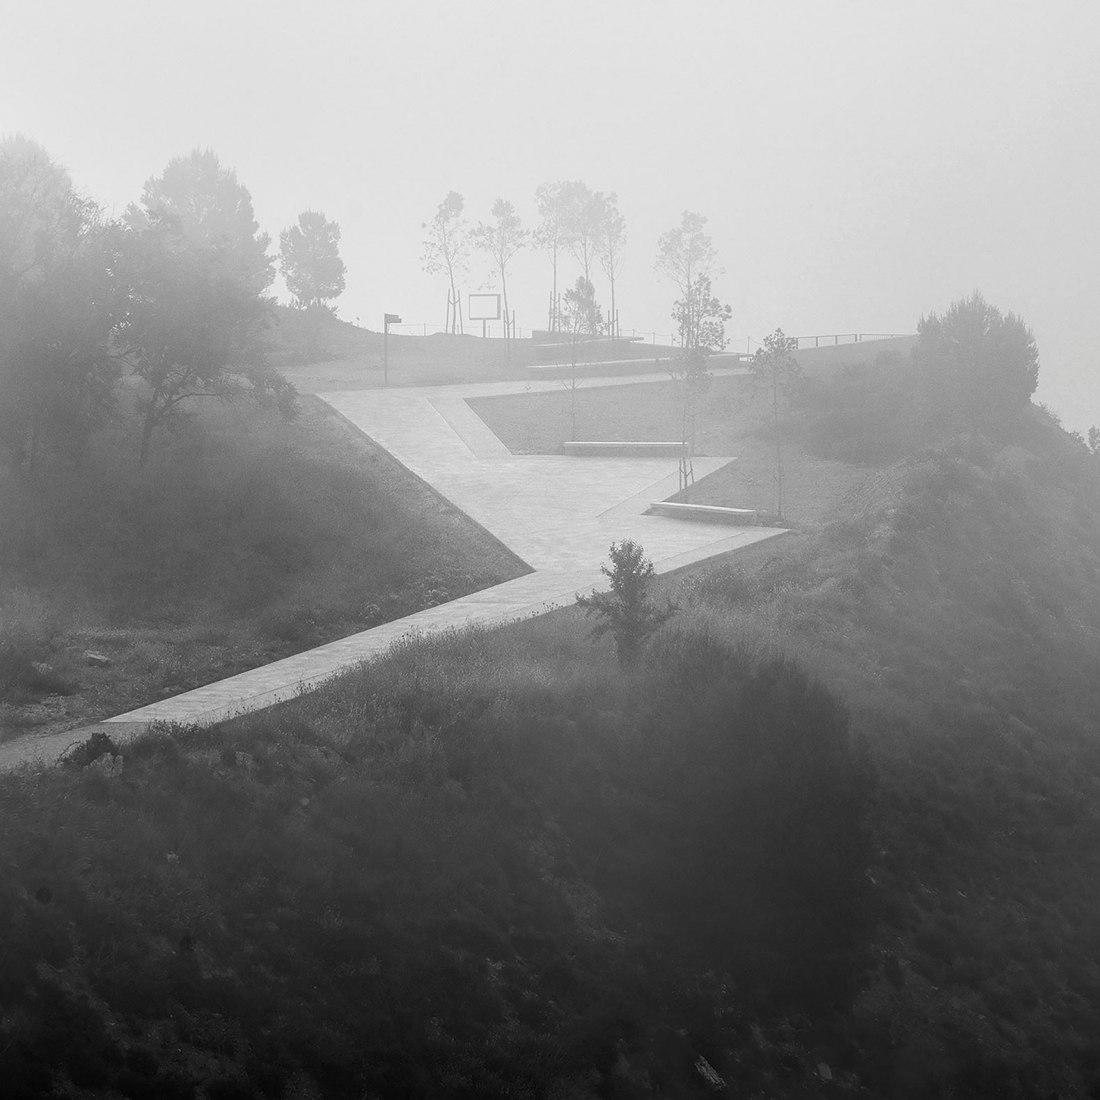 Recuperación de las antiguas minas de tiza de Igualada por Batlle i Roig Arquitectes. Fotografía de Jordi Surroca